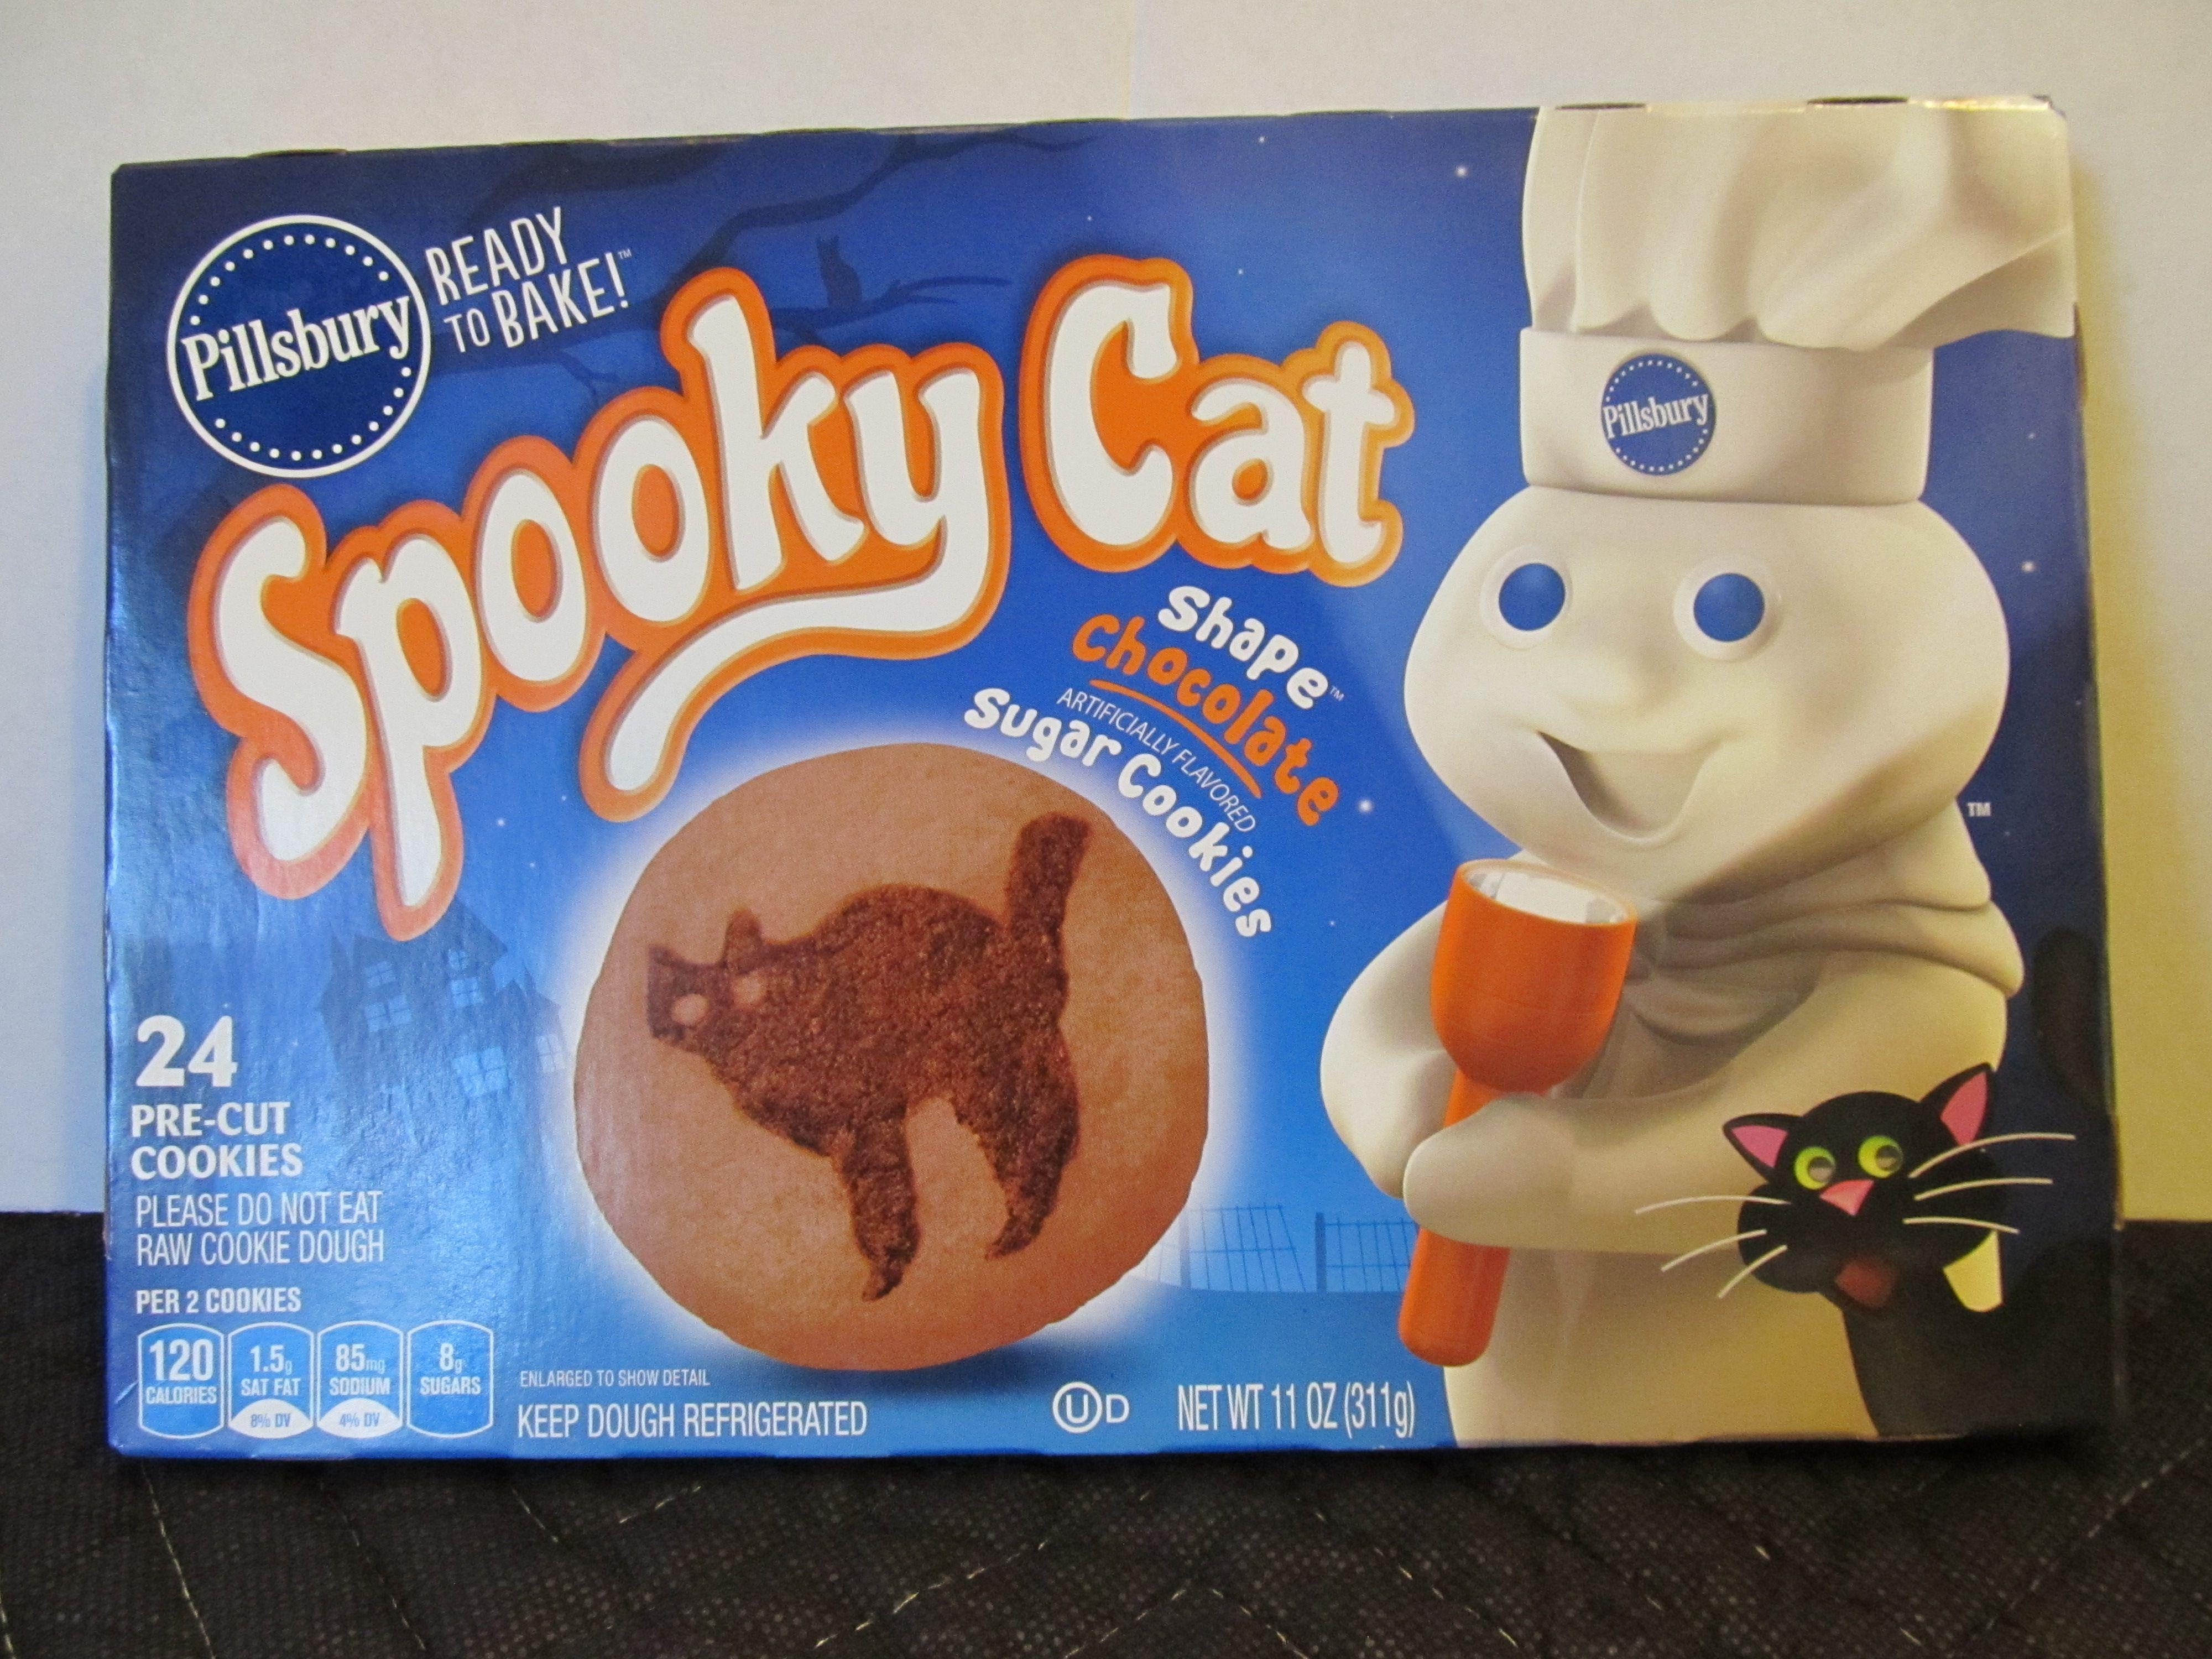 pillsbury halloween cookies. (spooky cat, 2014 package) | halloween